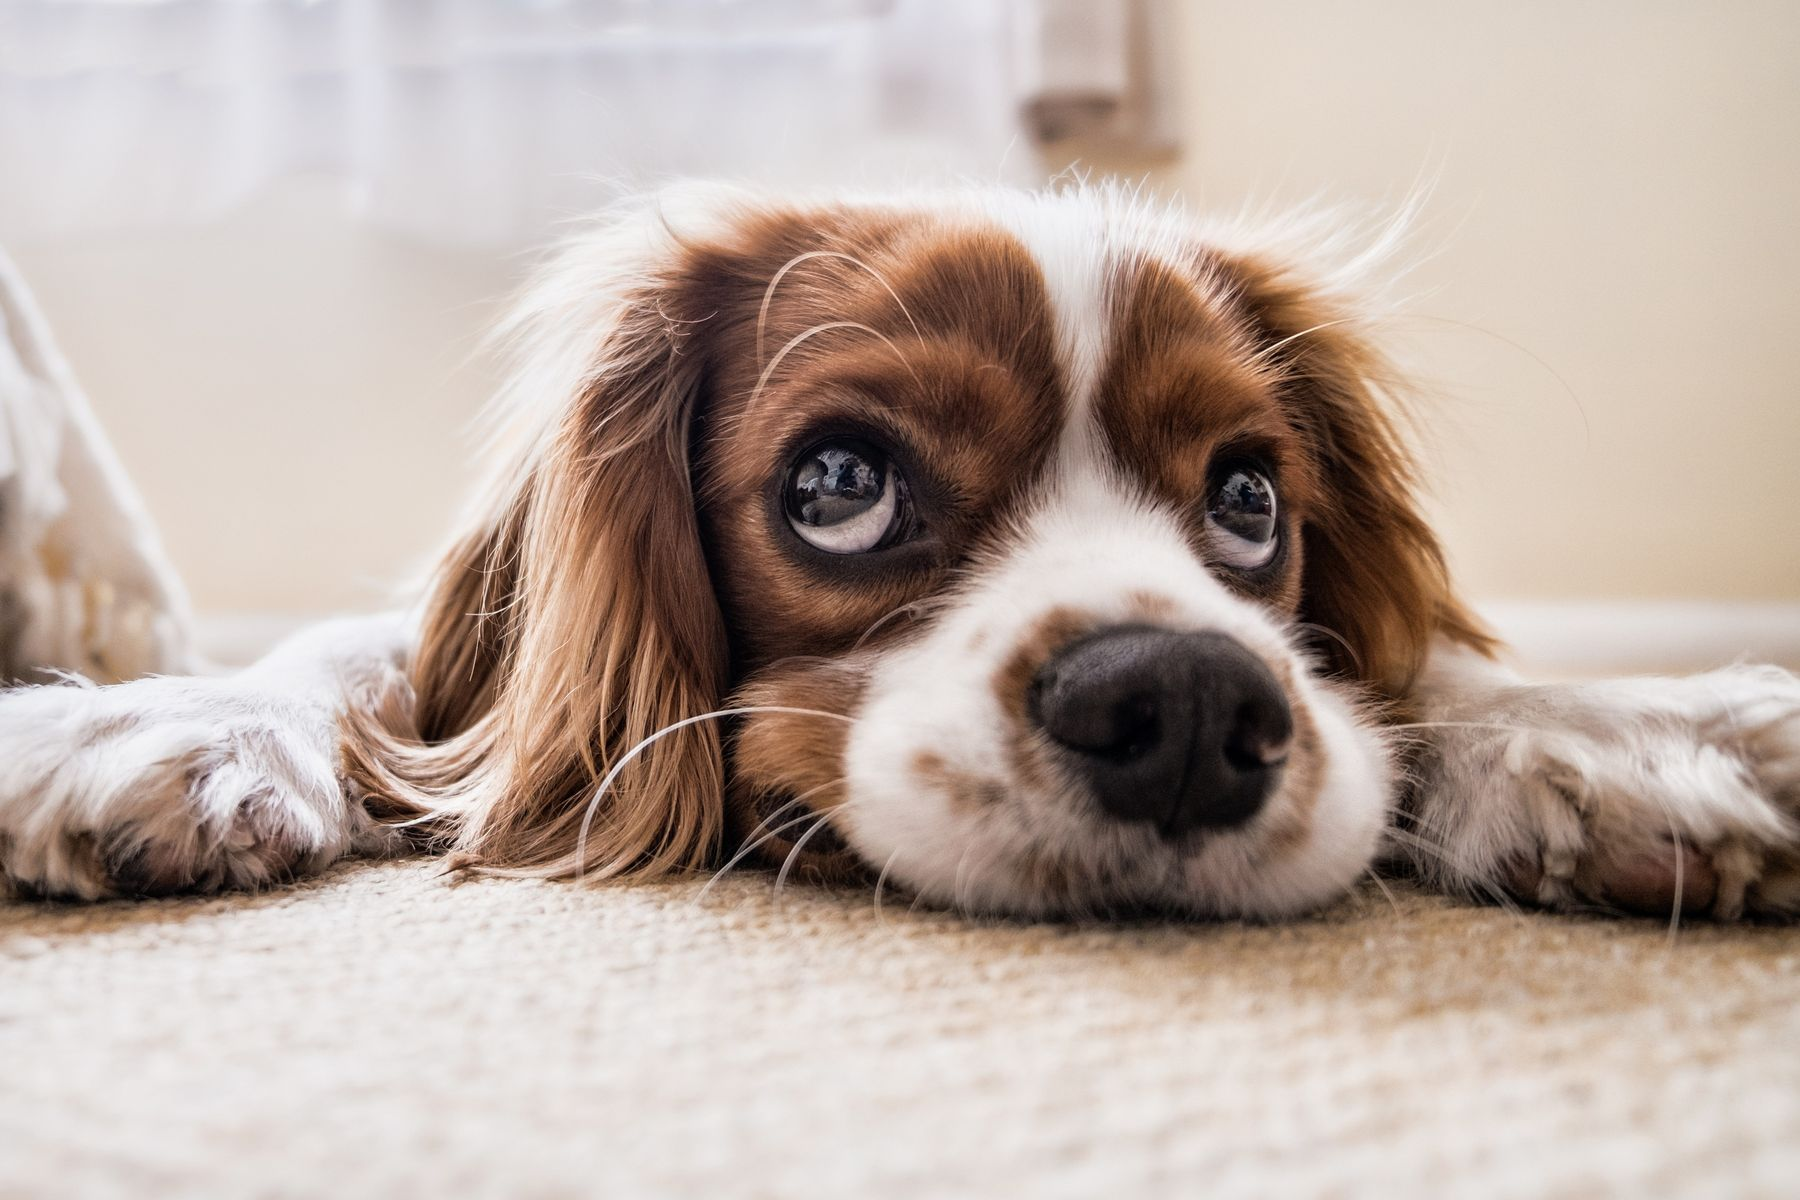 Cão deitado em cima do tapete e olhando para o dono